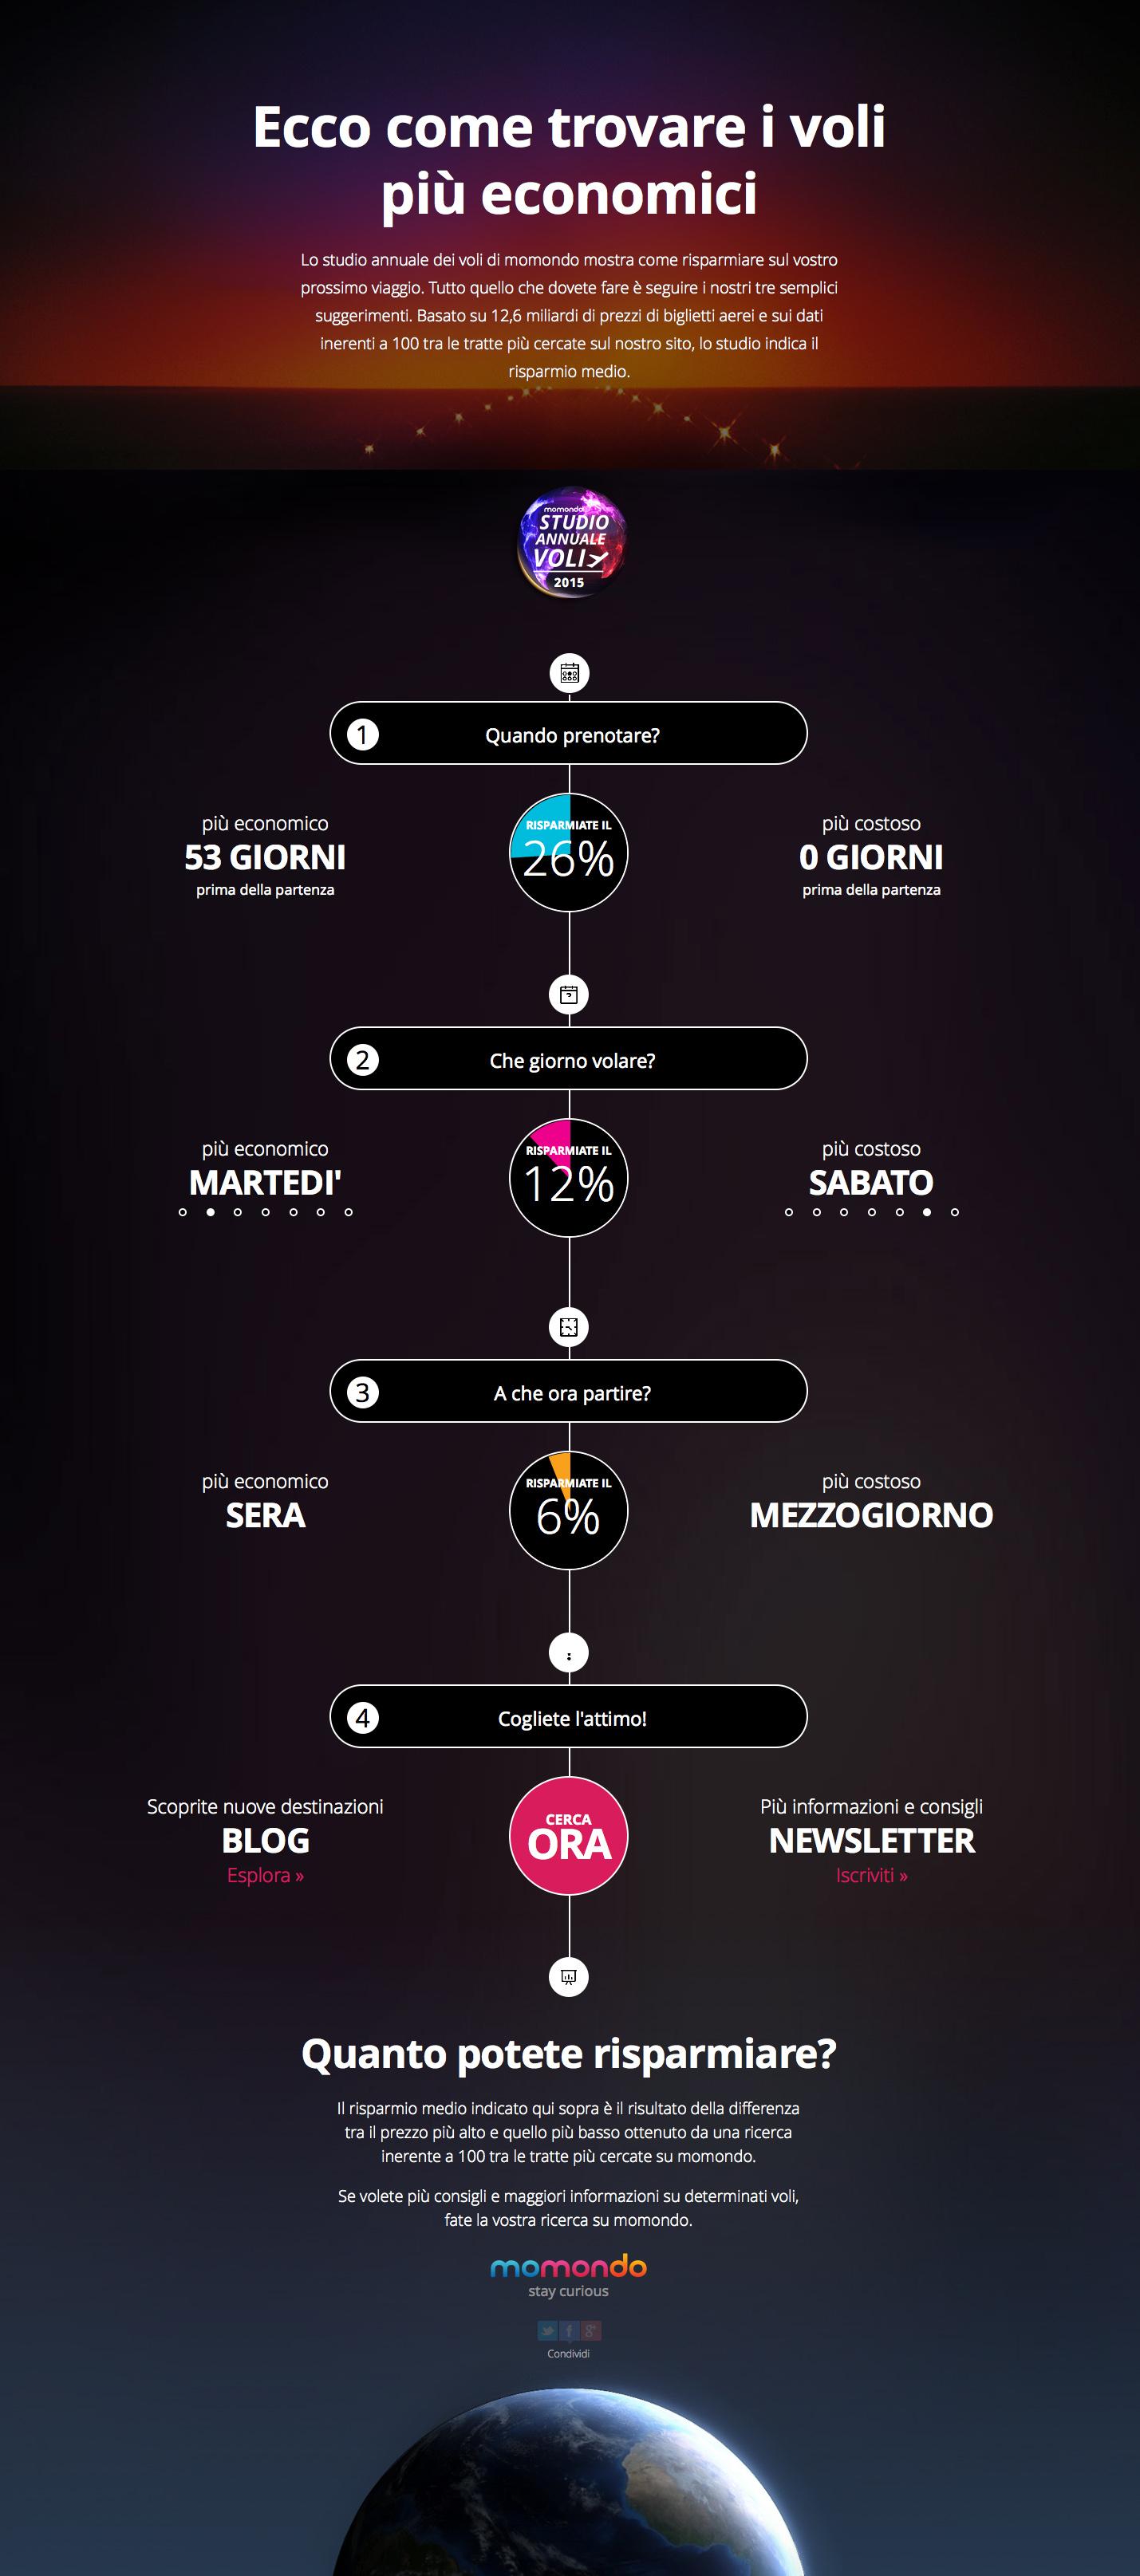 Infografica_Studio Annauale dei Voli 2015